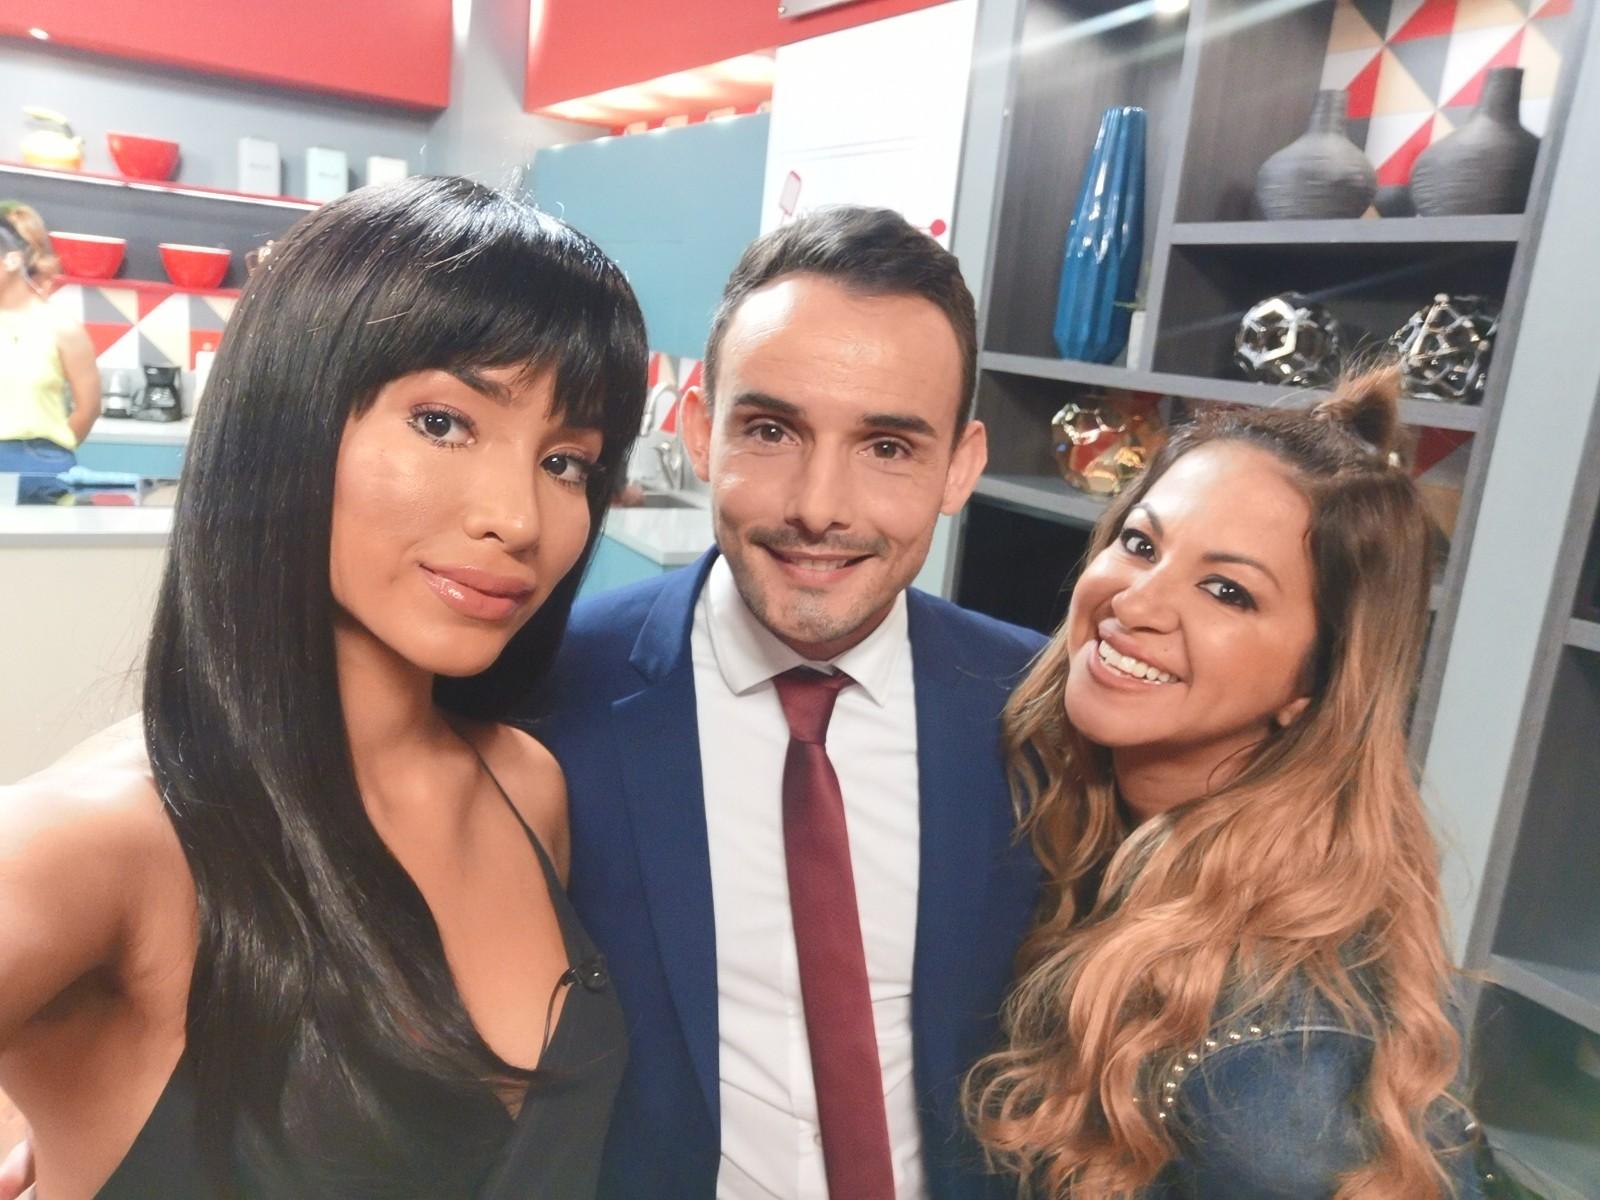 Entrevista TV Panamá 2019